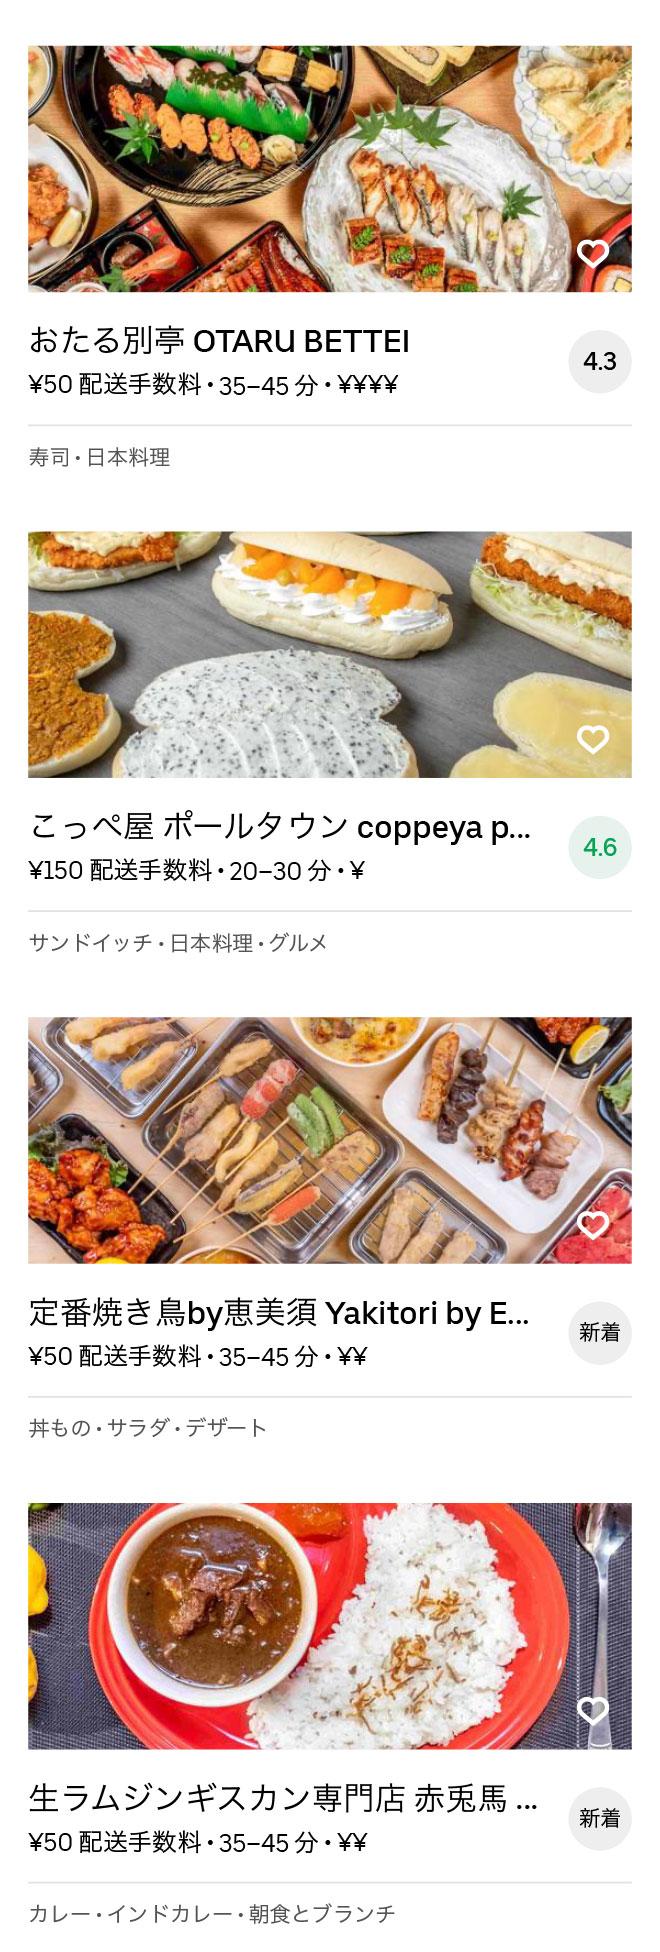 Susukino menu 2008 11